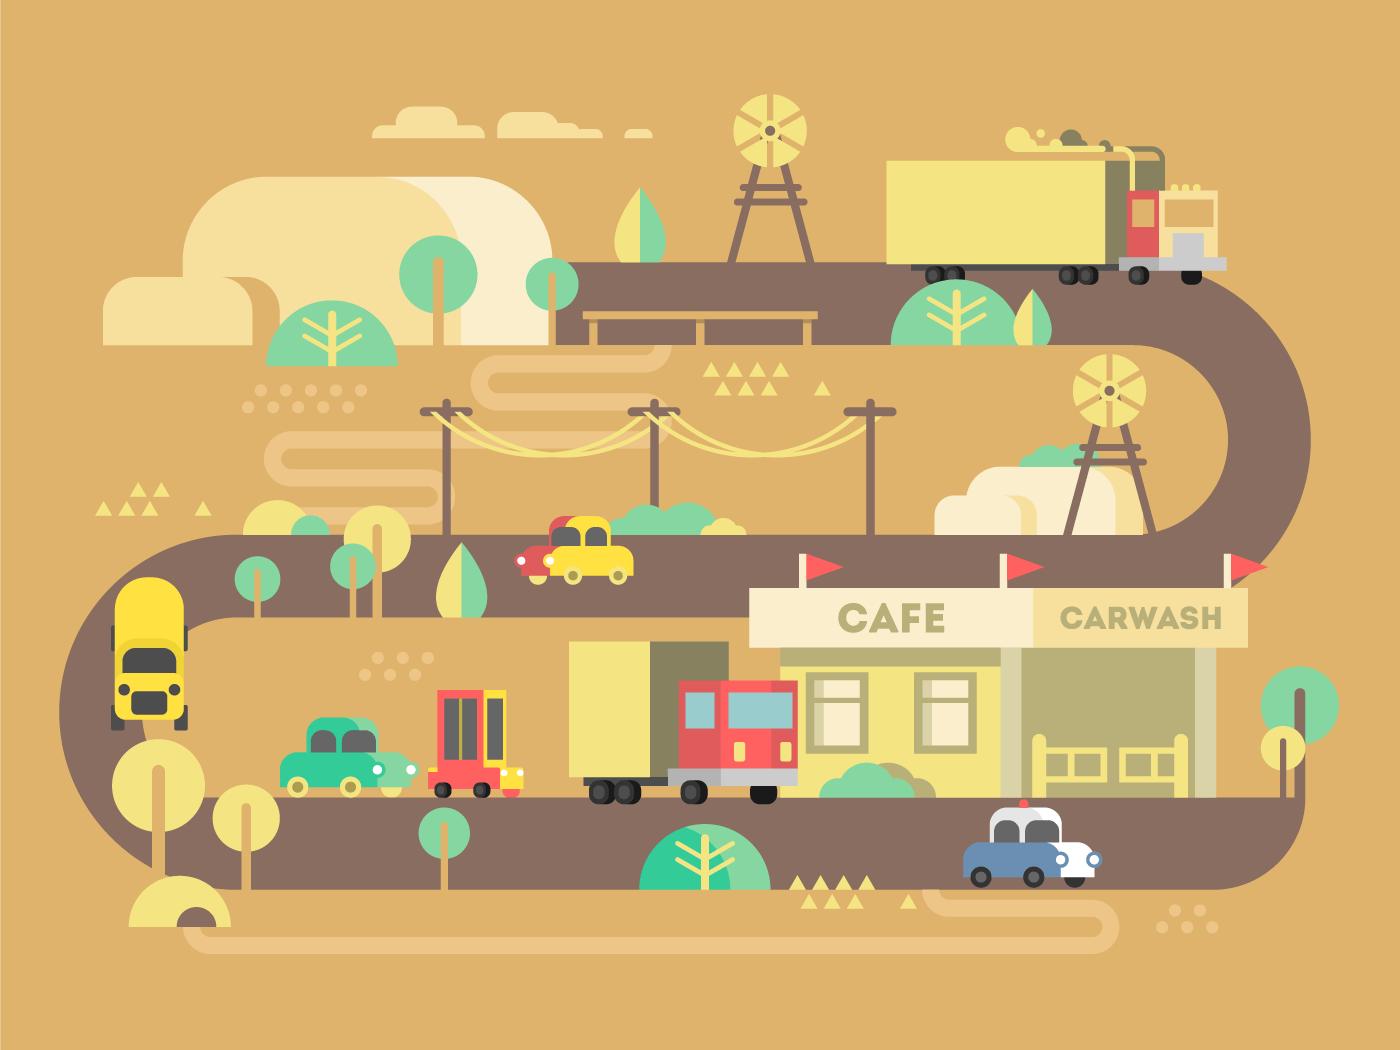 Roadside cafe flat vector illustration